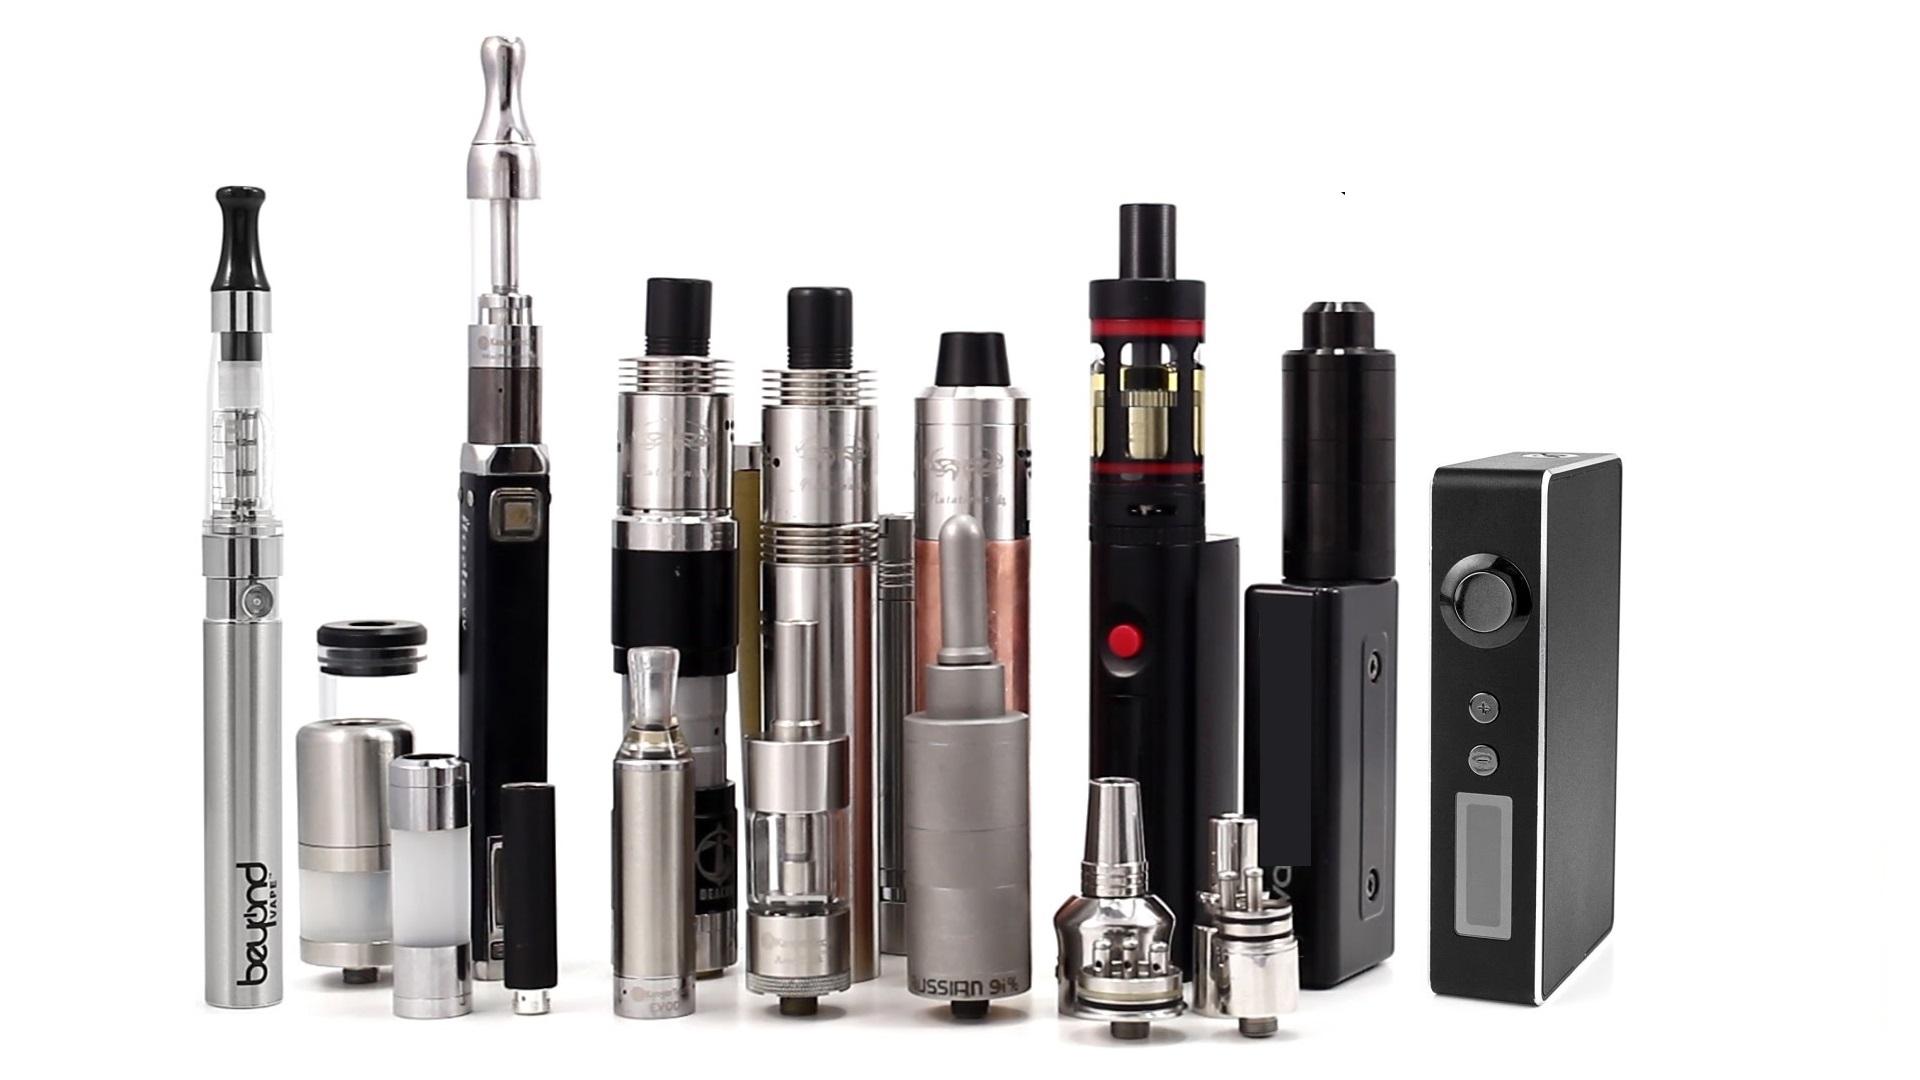 Купить на алиэкспресс жидкость для электронных сигарет сигареты во владикавказе оптом